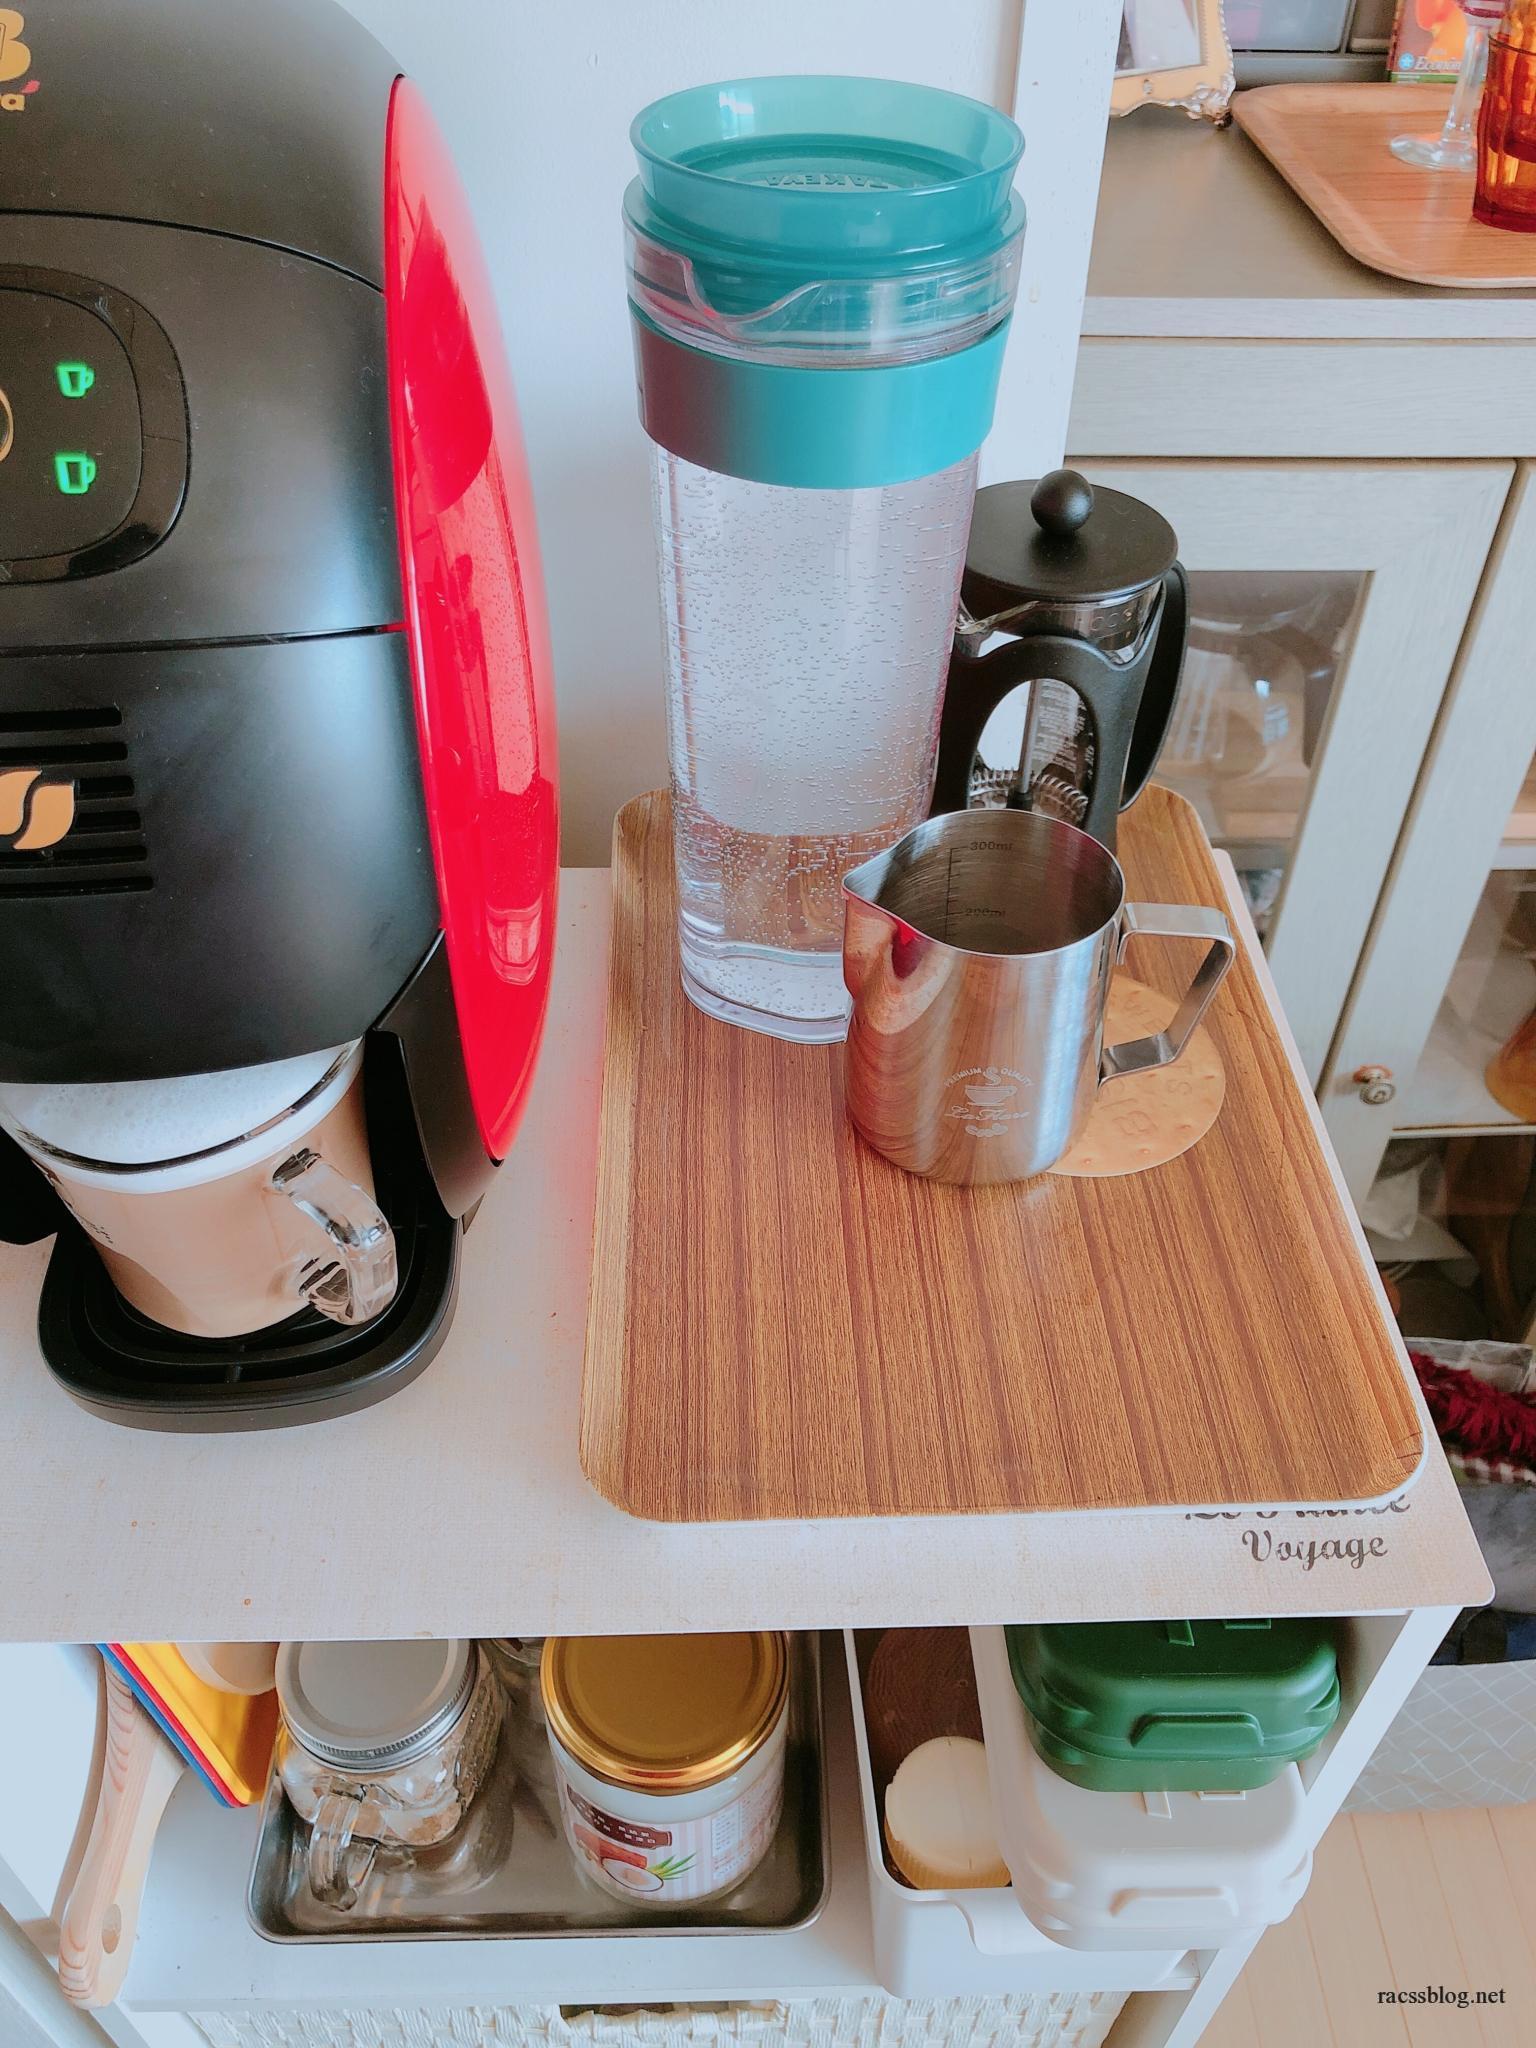 ネスカフェバリスタアイのコーヒーが美味しくないどころか「まずい」と思ったのに、我が家が使い続けている理由